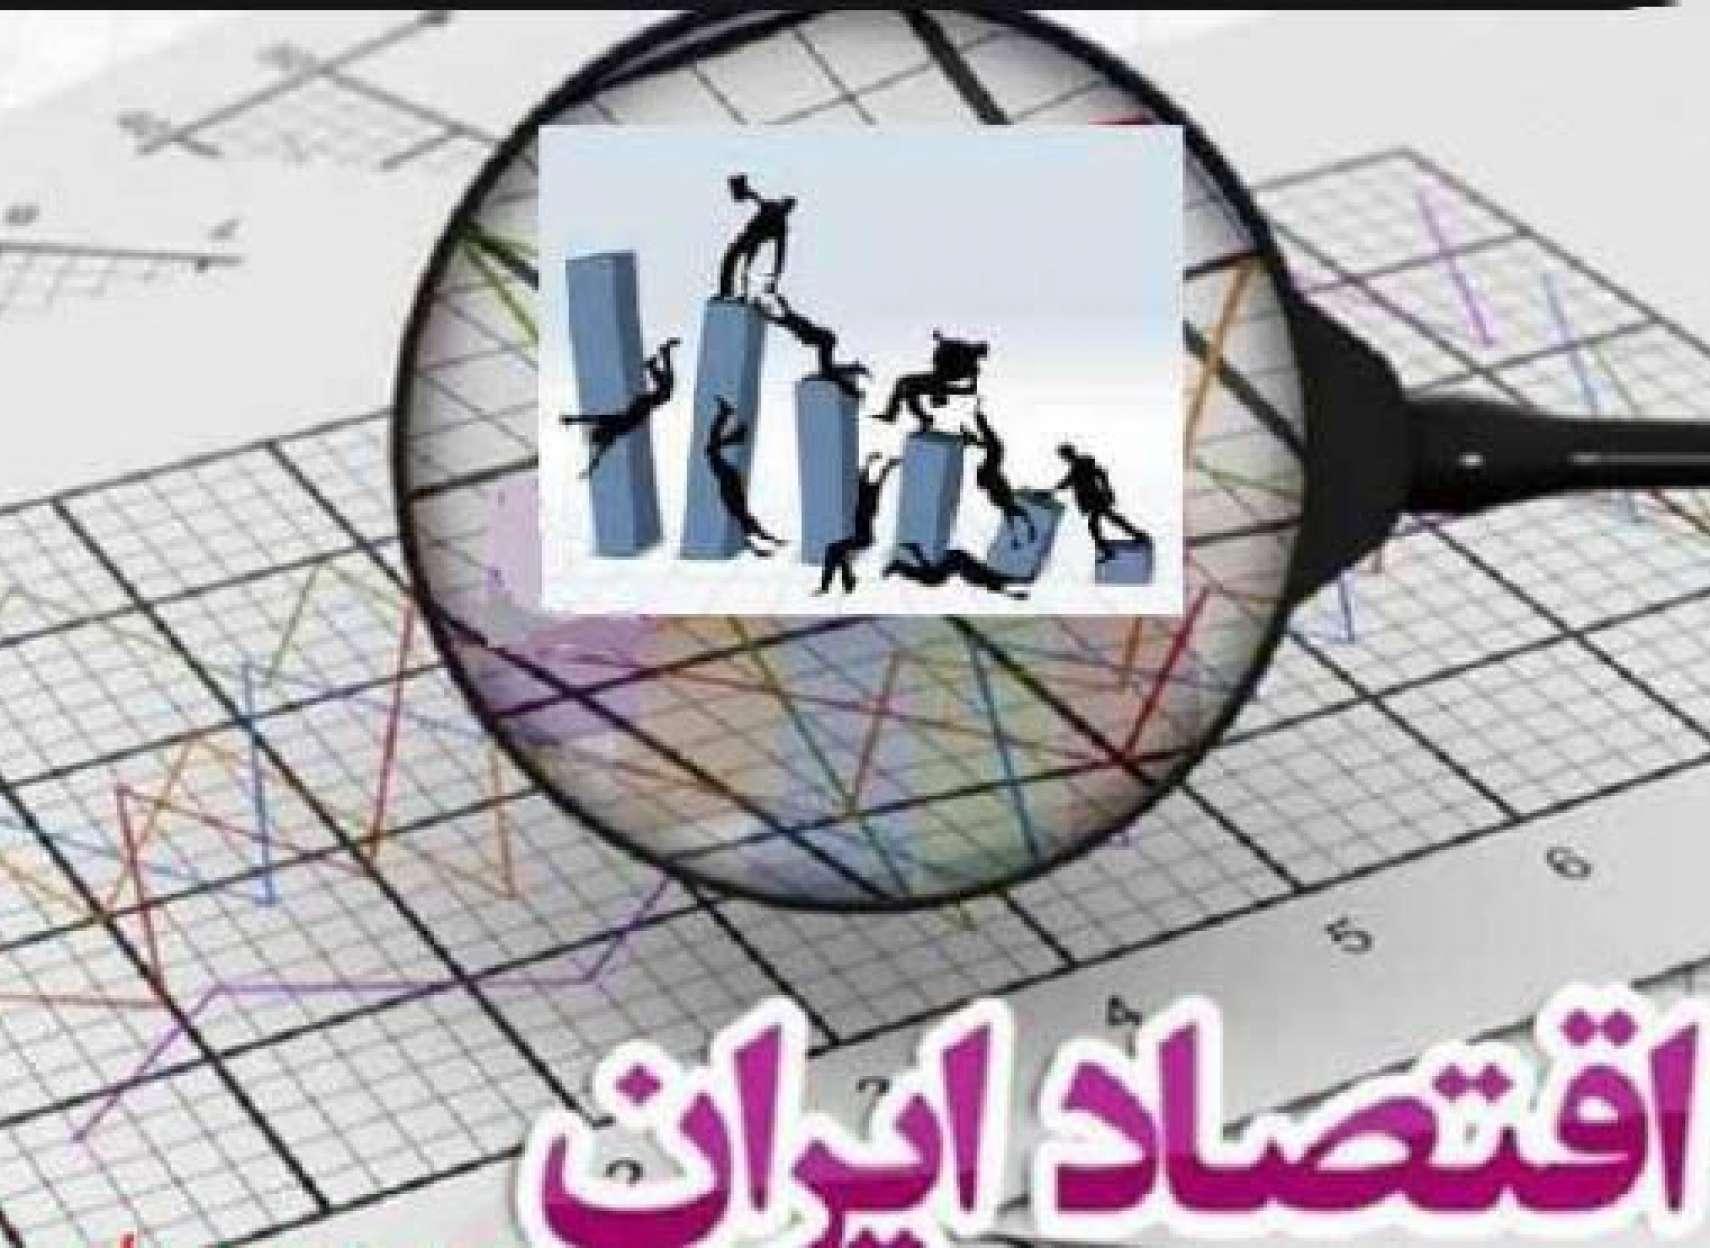 چرا-ایران-استار-مدعی-به-صدا-در-آمدن-آژیر-فروپاشی-برای-اقتصاد-ایران-است؟